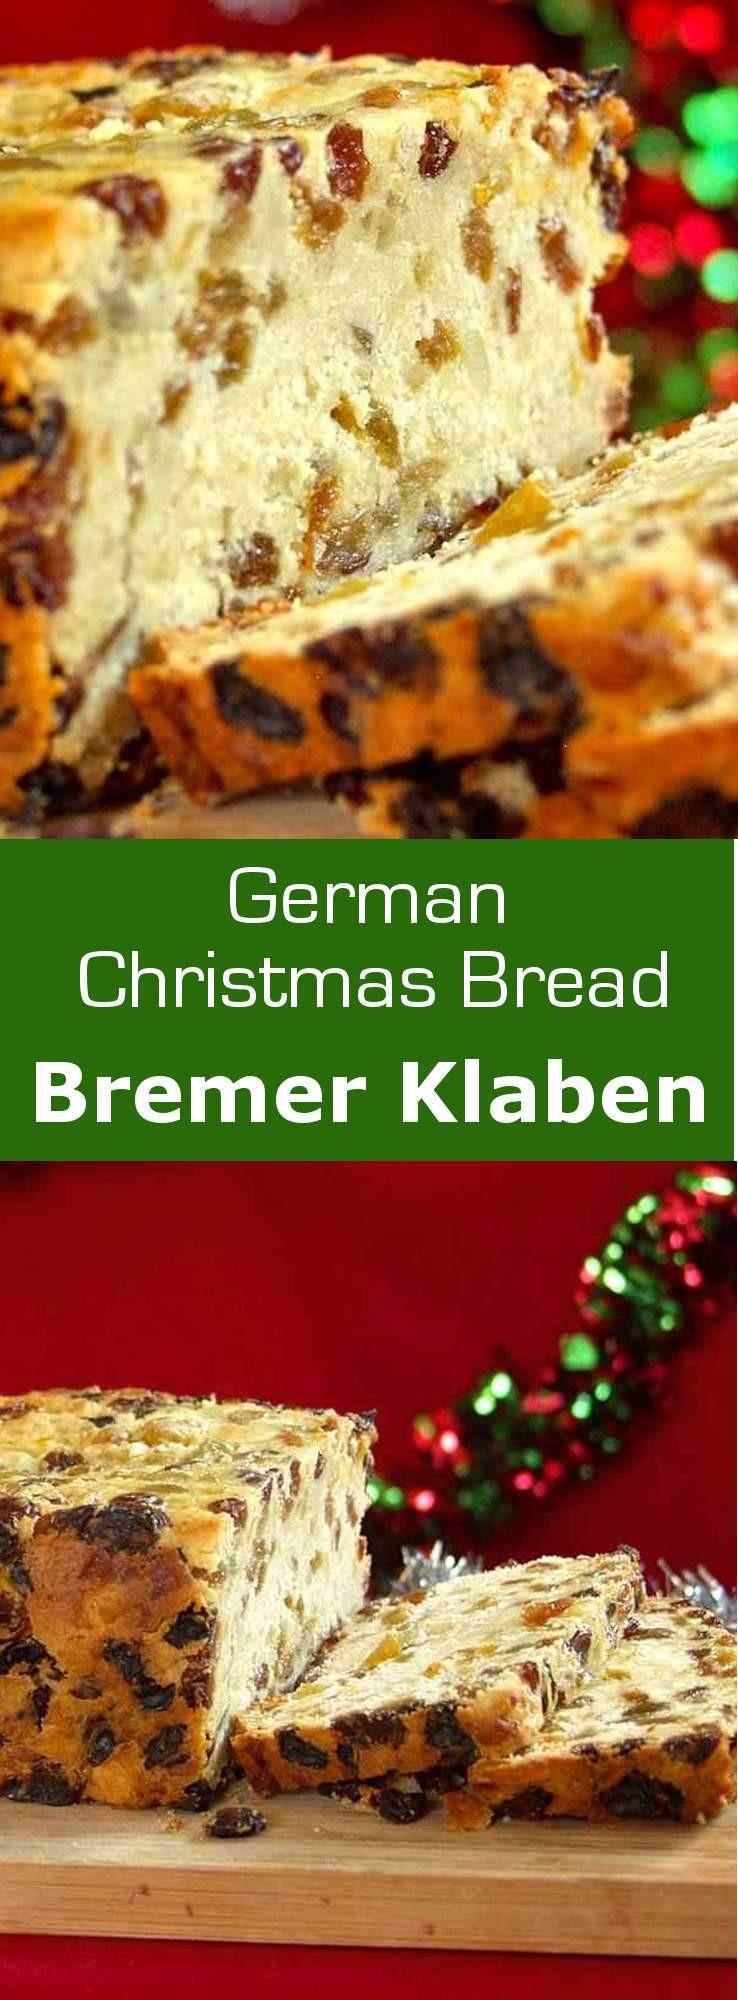 German Christmas Bread  Bremer Klaben Traditional German Recipe